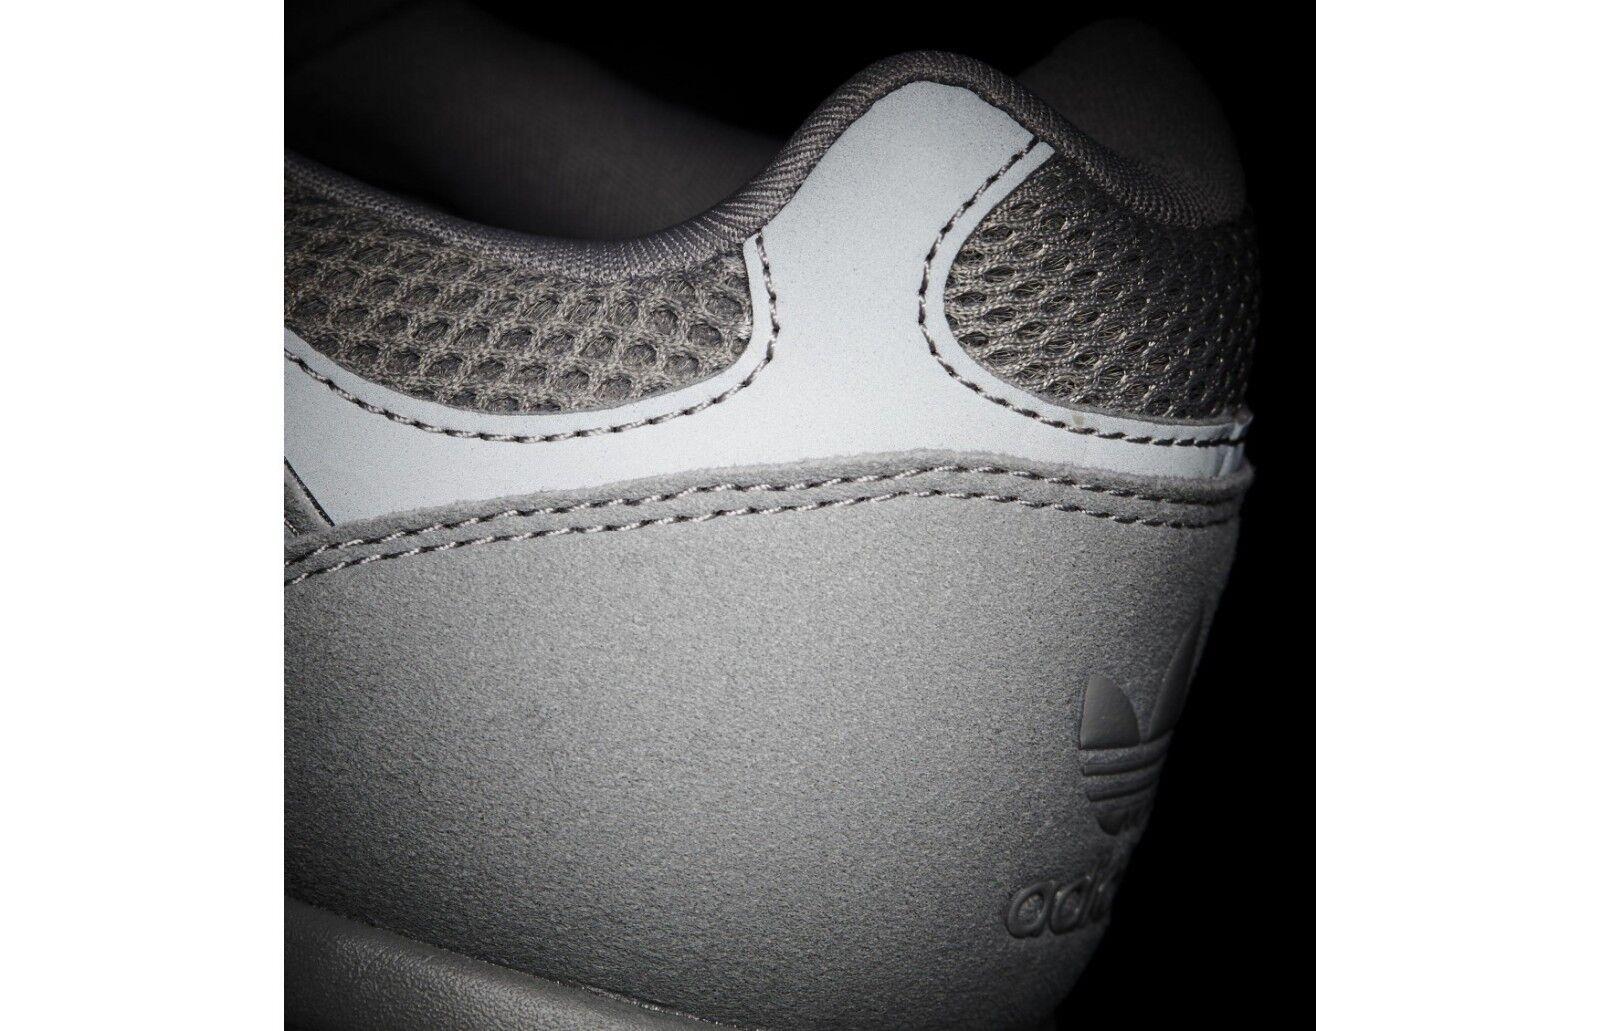 nib - adidas fitnessraum originals racer lite laufen fitnessraum adidas antwort ausbilder schuhe - mens größe 10. 959e09